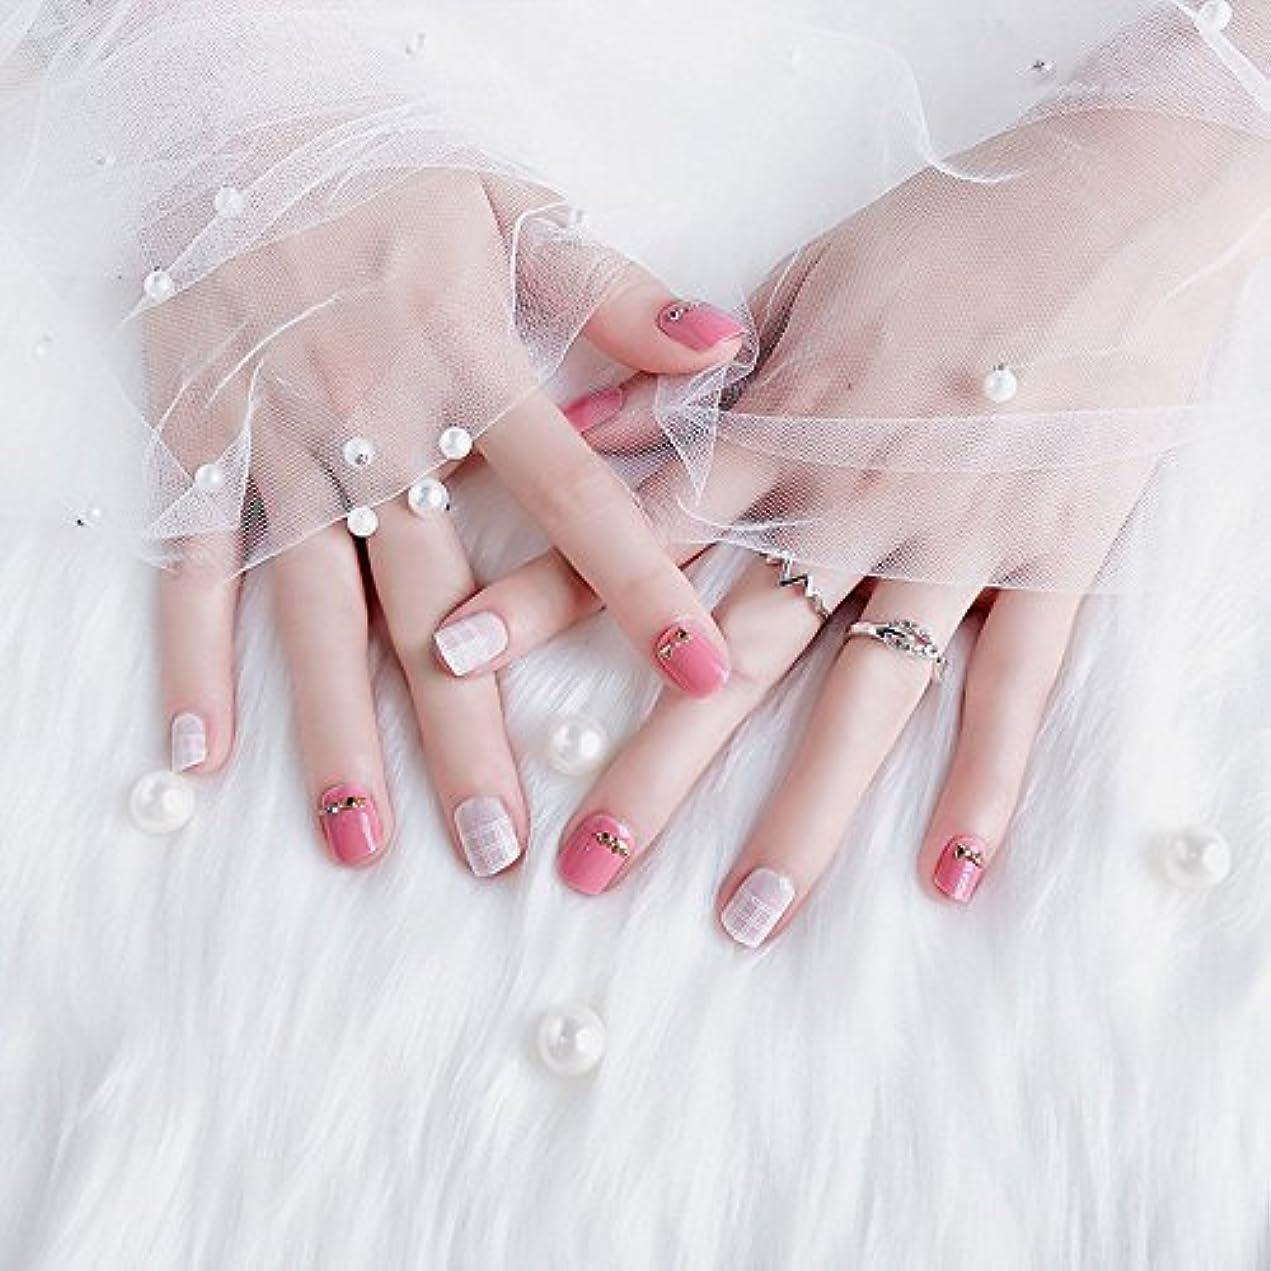 勉強する創造ハーブおしゃれなネイルチップ 短いさネイルチップ 複数のスタイル 24枚入 結婚式、パーティー、二次会などに ネイルアート 手作りネイルチップ 両面接着テープ付き (ピンク)